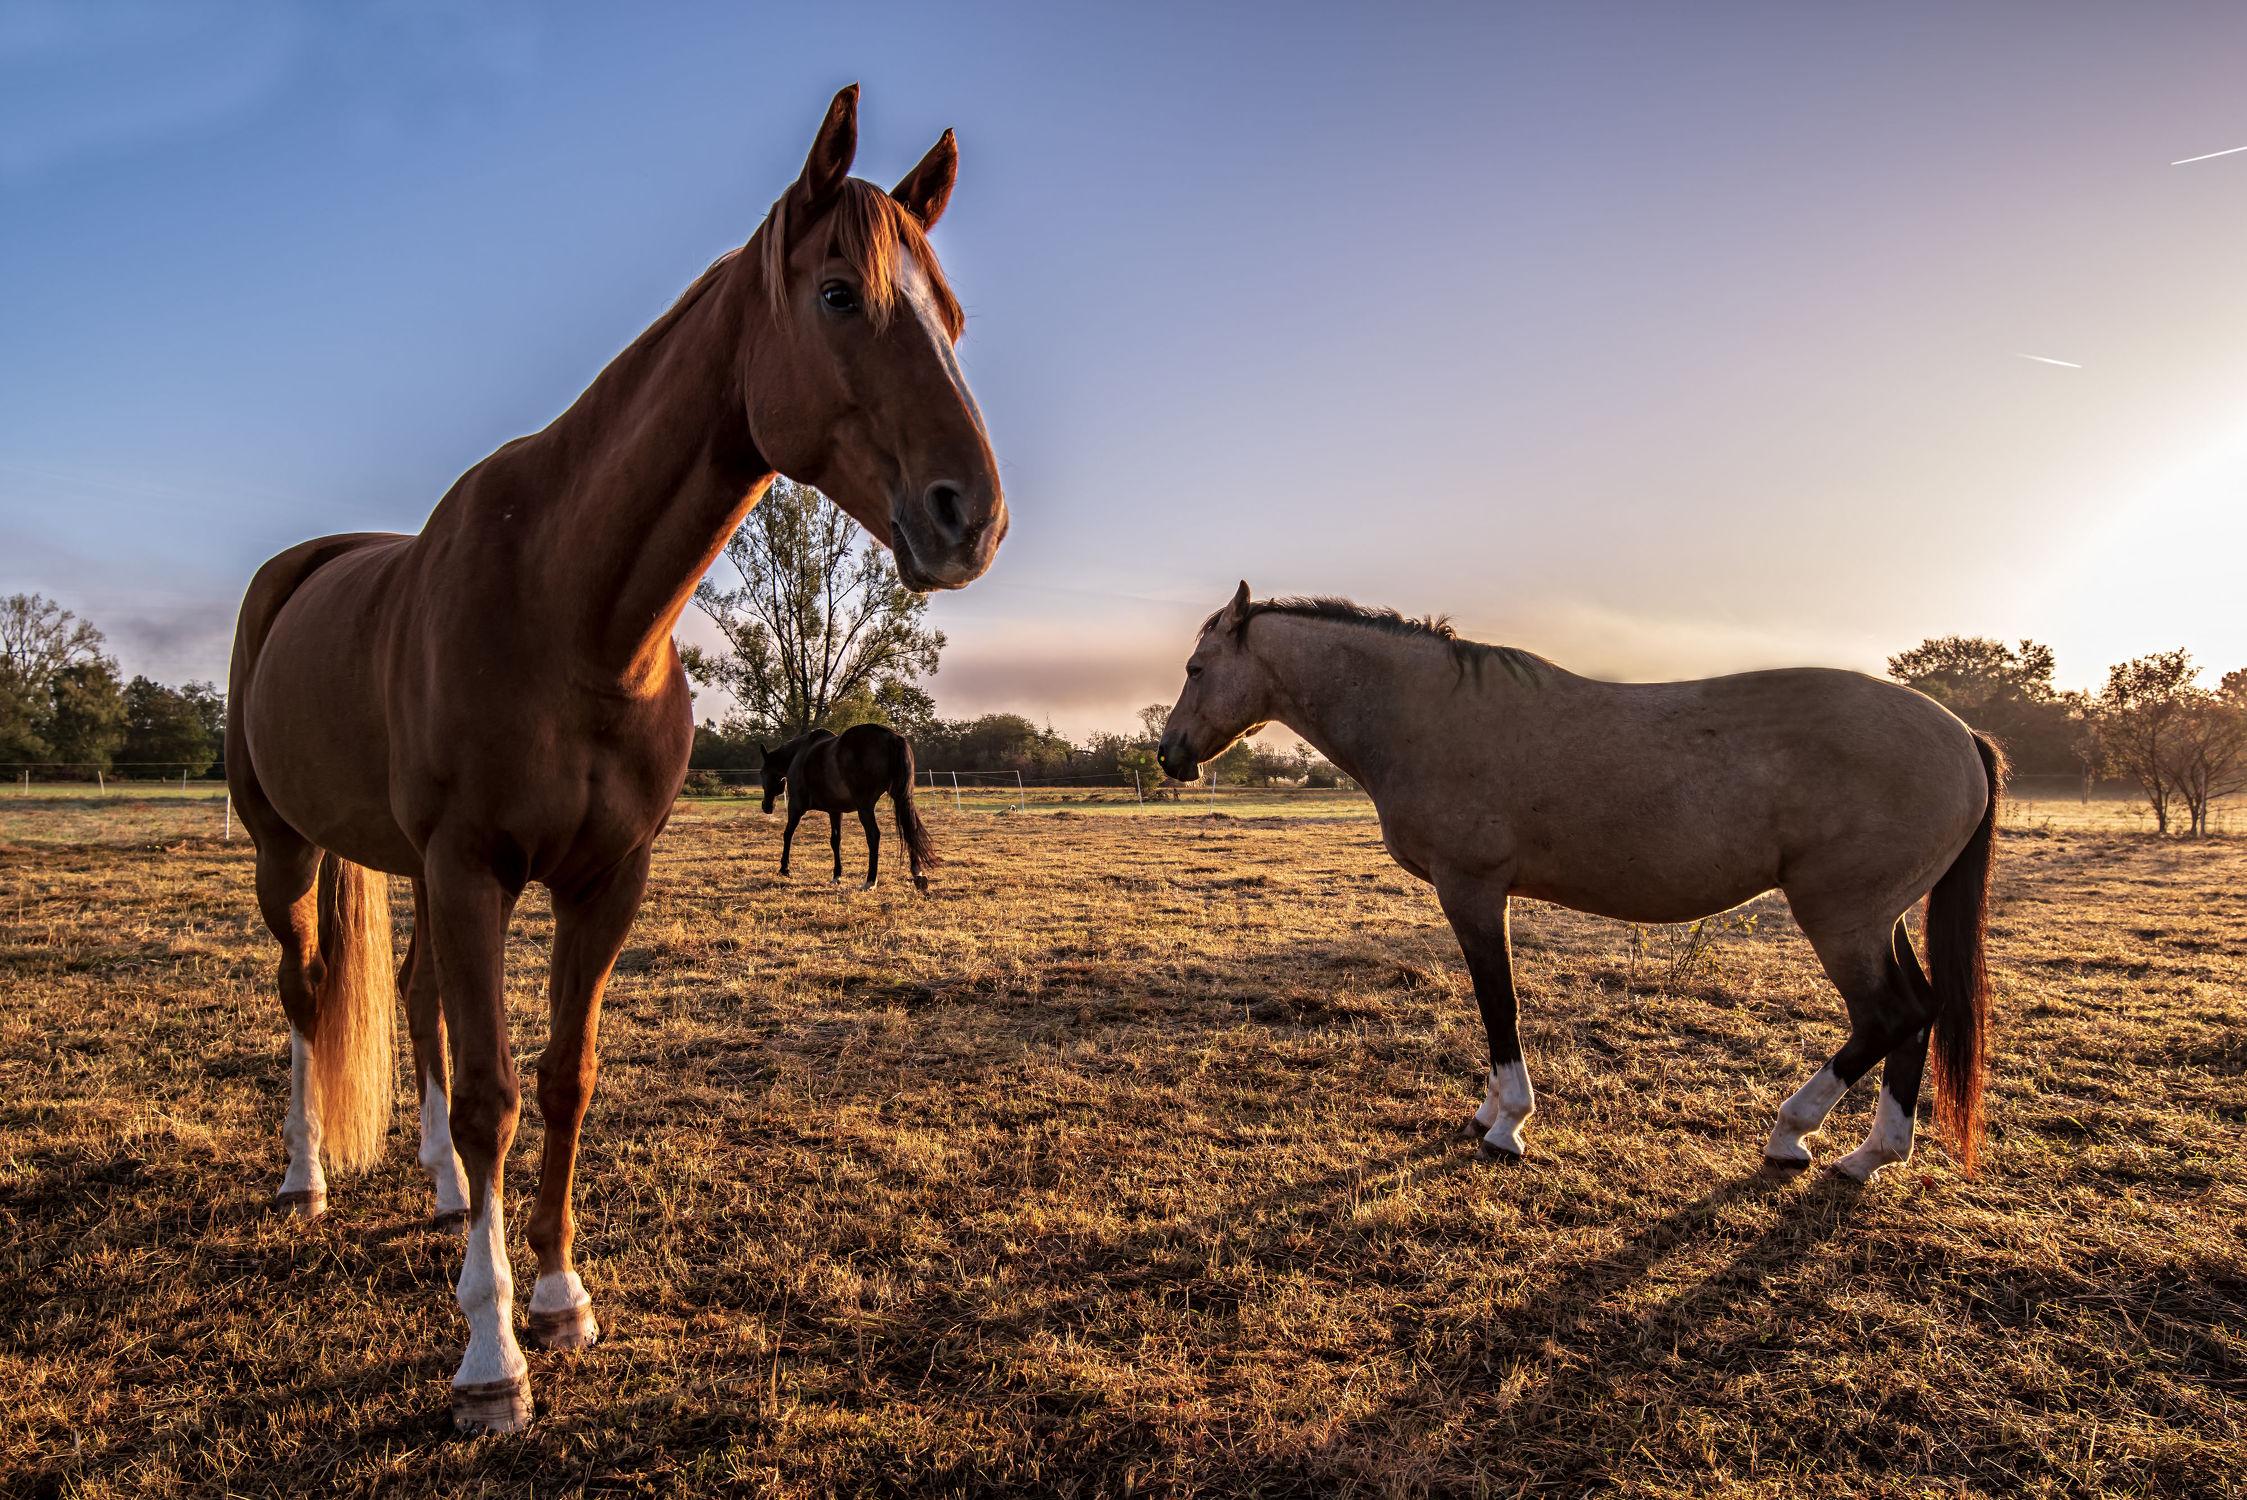 Bild mit Tiere, Natur, Bäume, Sonnenaufgang, Pferde, Landschaft, Wiese, Gegenlicht, Licht, Kinderbild, Kinderbilder, Stille, Wiesen, Weide, Morgenstimmung, reiten, Schatten, Einsamkeit, Koppel, Pferdeliebe, pferdebilder, pferdebild